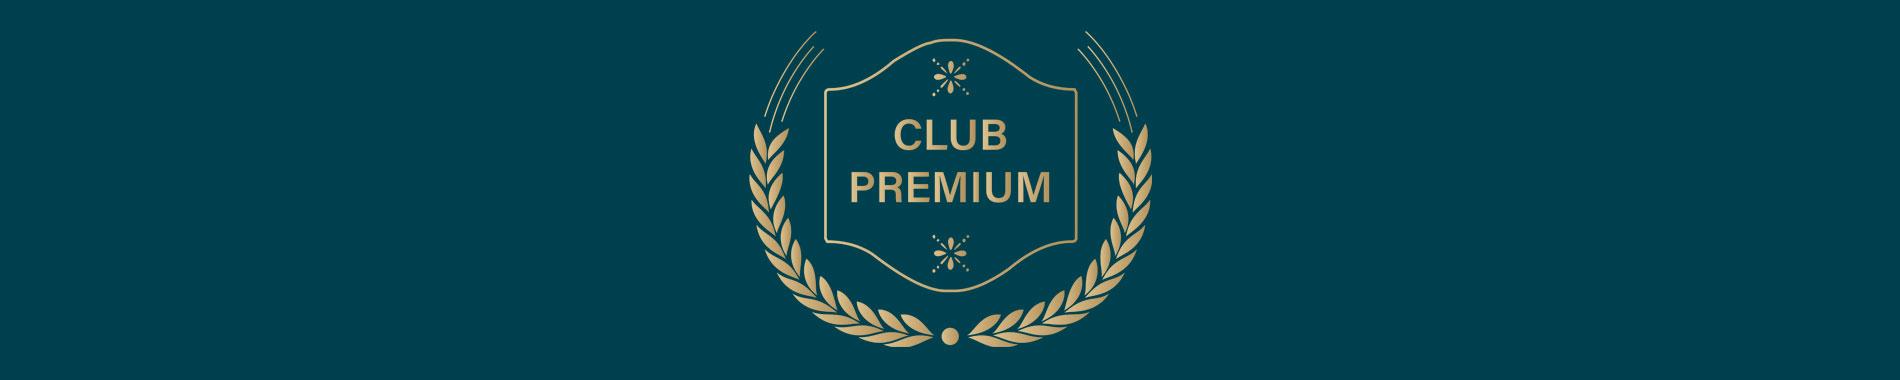 Aedifim Club Premium